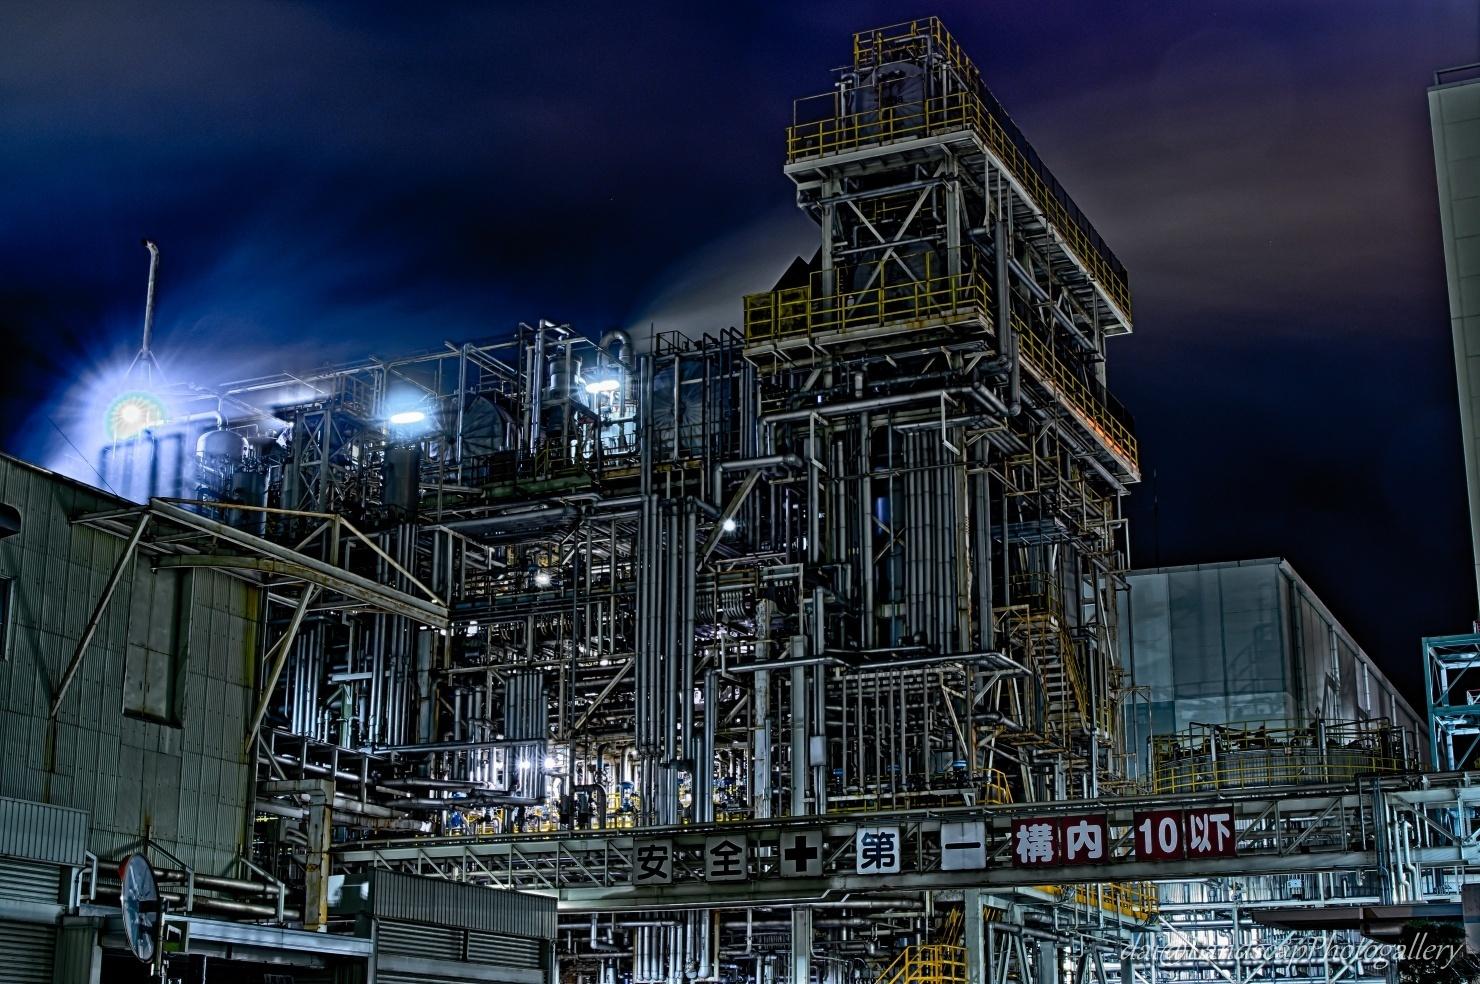 工場夜景【HDRi】